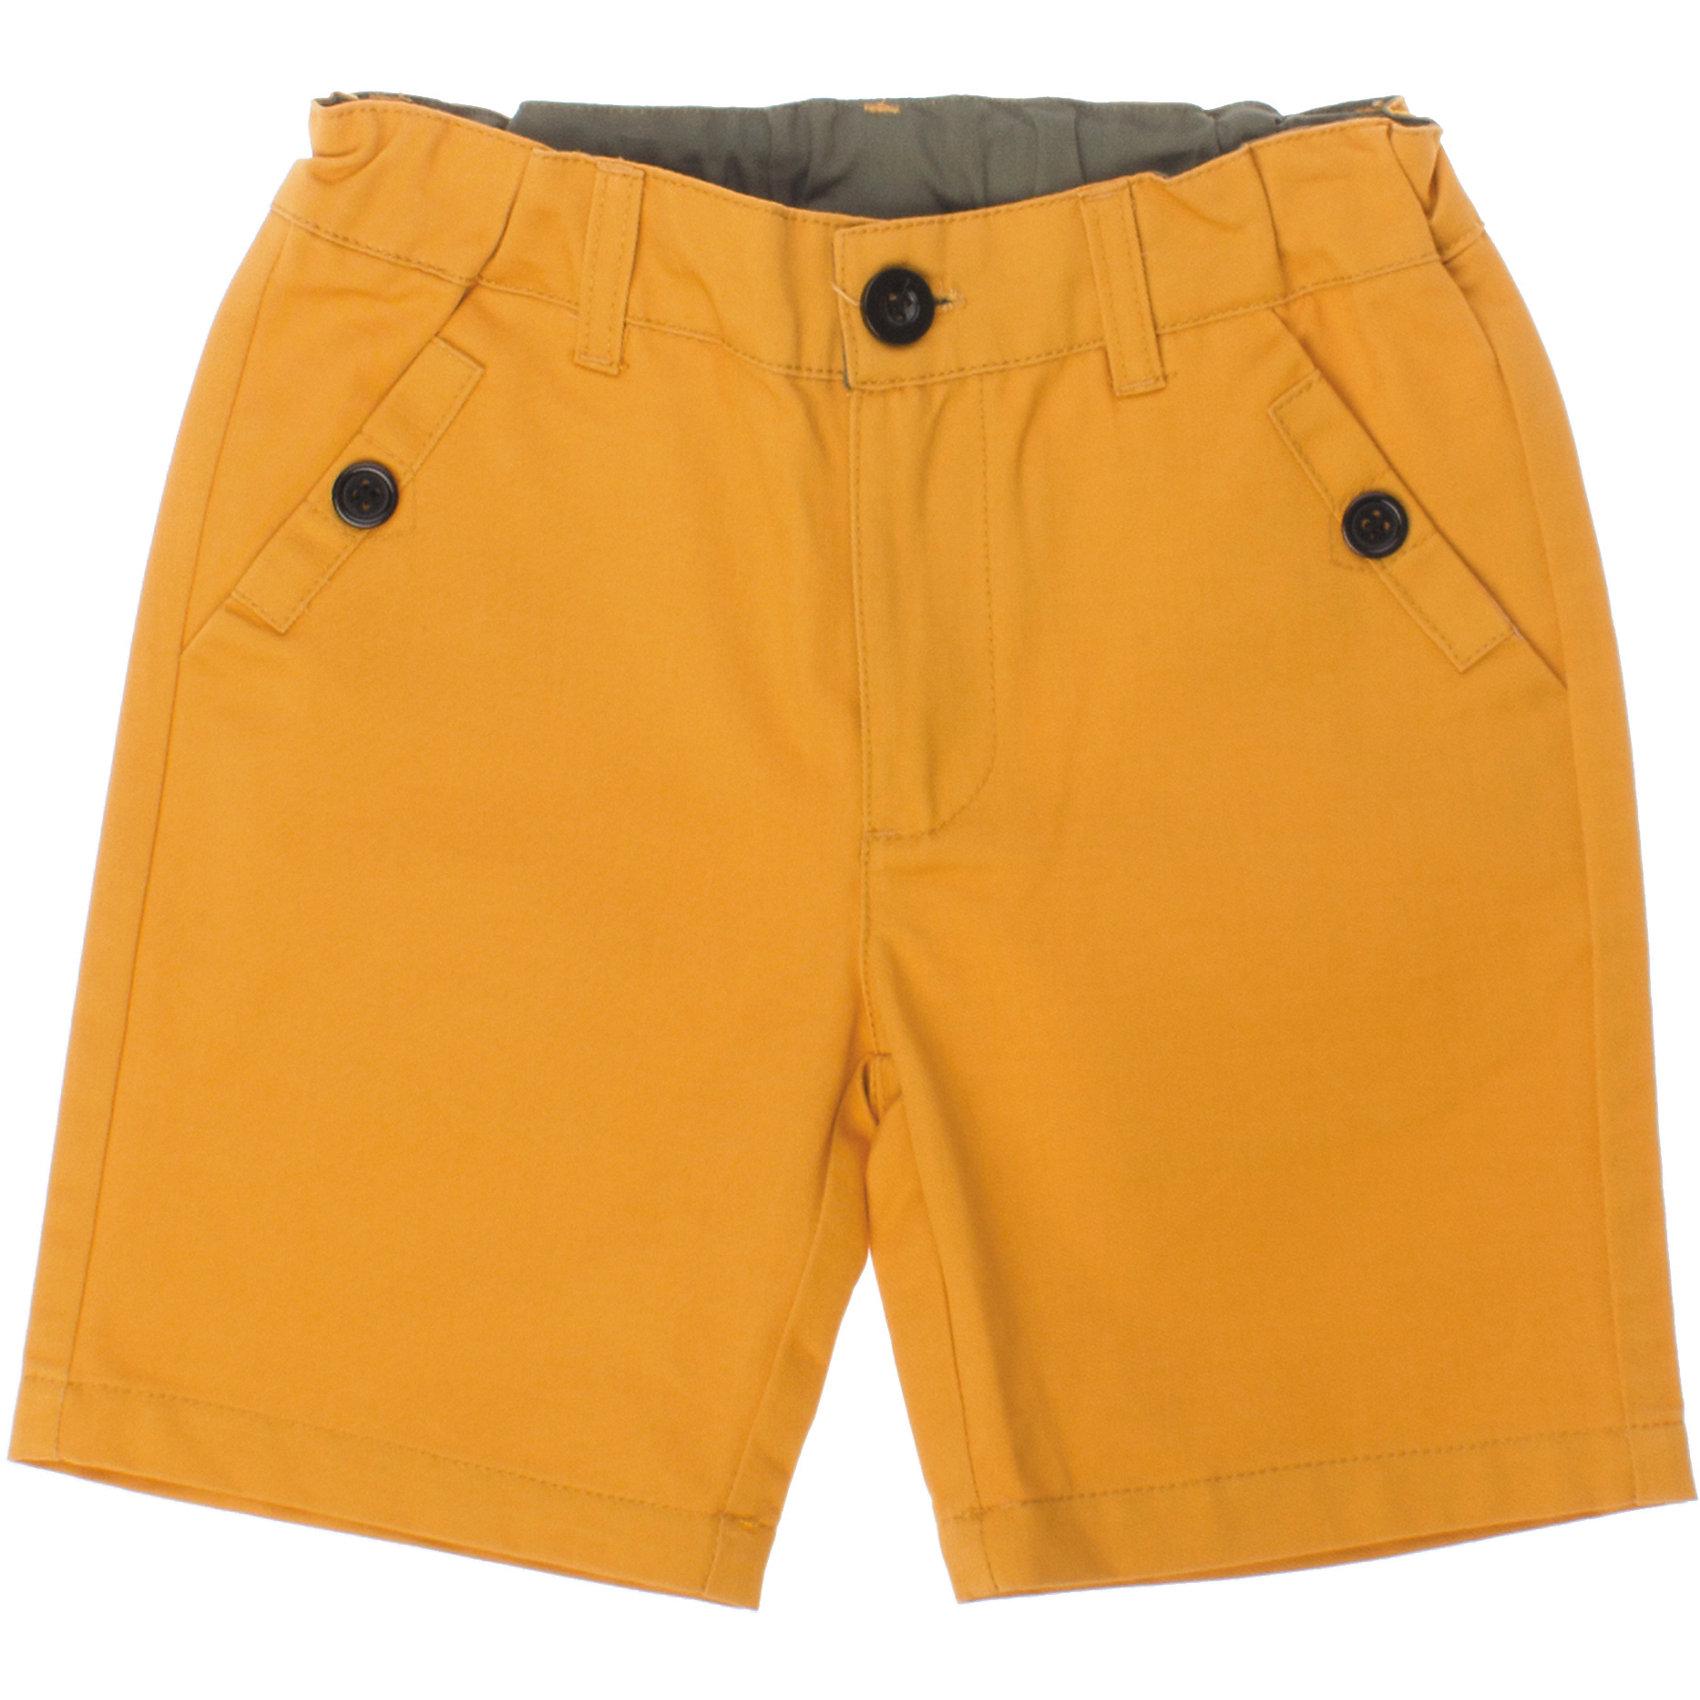 Шорты для мальчика PlayTodayШорты, бриджи, капри<br>Яркие хлопковые шорты поднимут настроение маленькому первооткрывателю. Есть два глубоких кармана. Застегиваются на молнию и металлическую пуговку. Сзади - декоративные кармашки. Состав: 100% хлопок<br><br>Ширина мм: 191<br>Глубина мм: 10<br>Высота мм: 175<br>Вес г: 273<br>Цвет: желтый<br>Возраст от месяцев: 84<br>Возраст до месяцев: 96<br>Пол: Мужской<br>Возраст: Детский<br>Размер: 128,122,116,110,104,98<br>SKU: 4652442